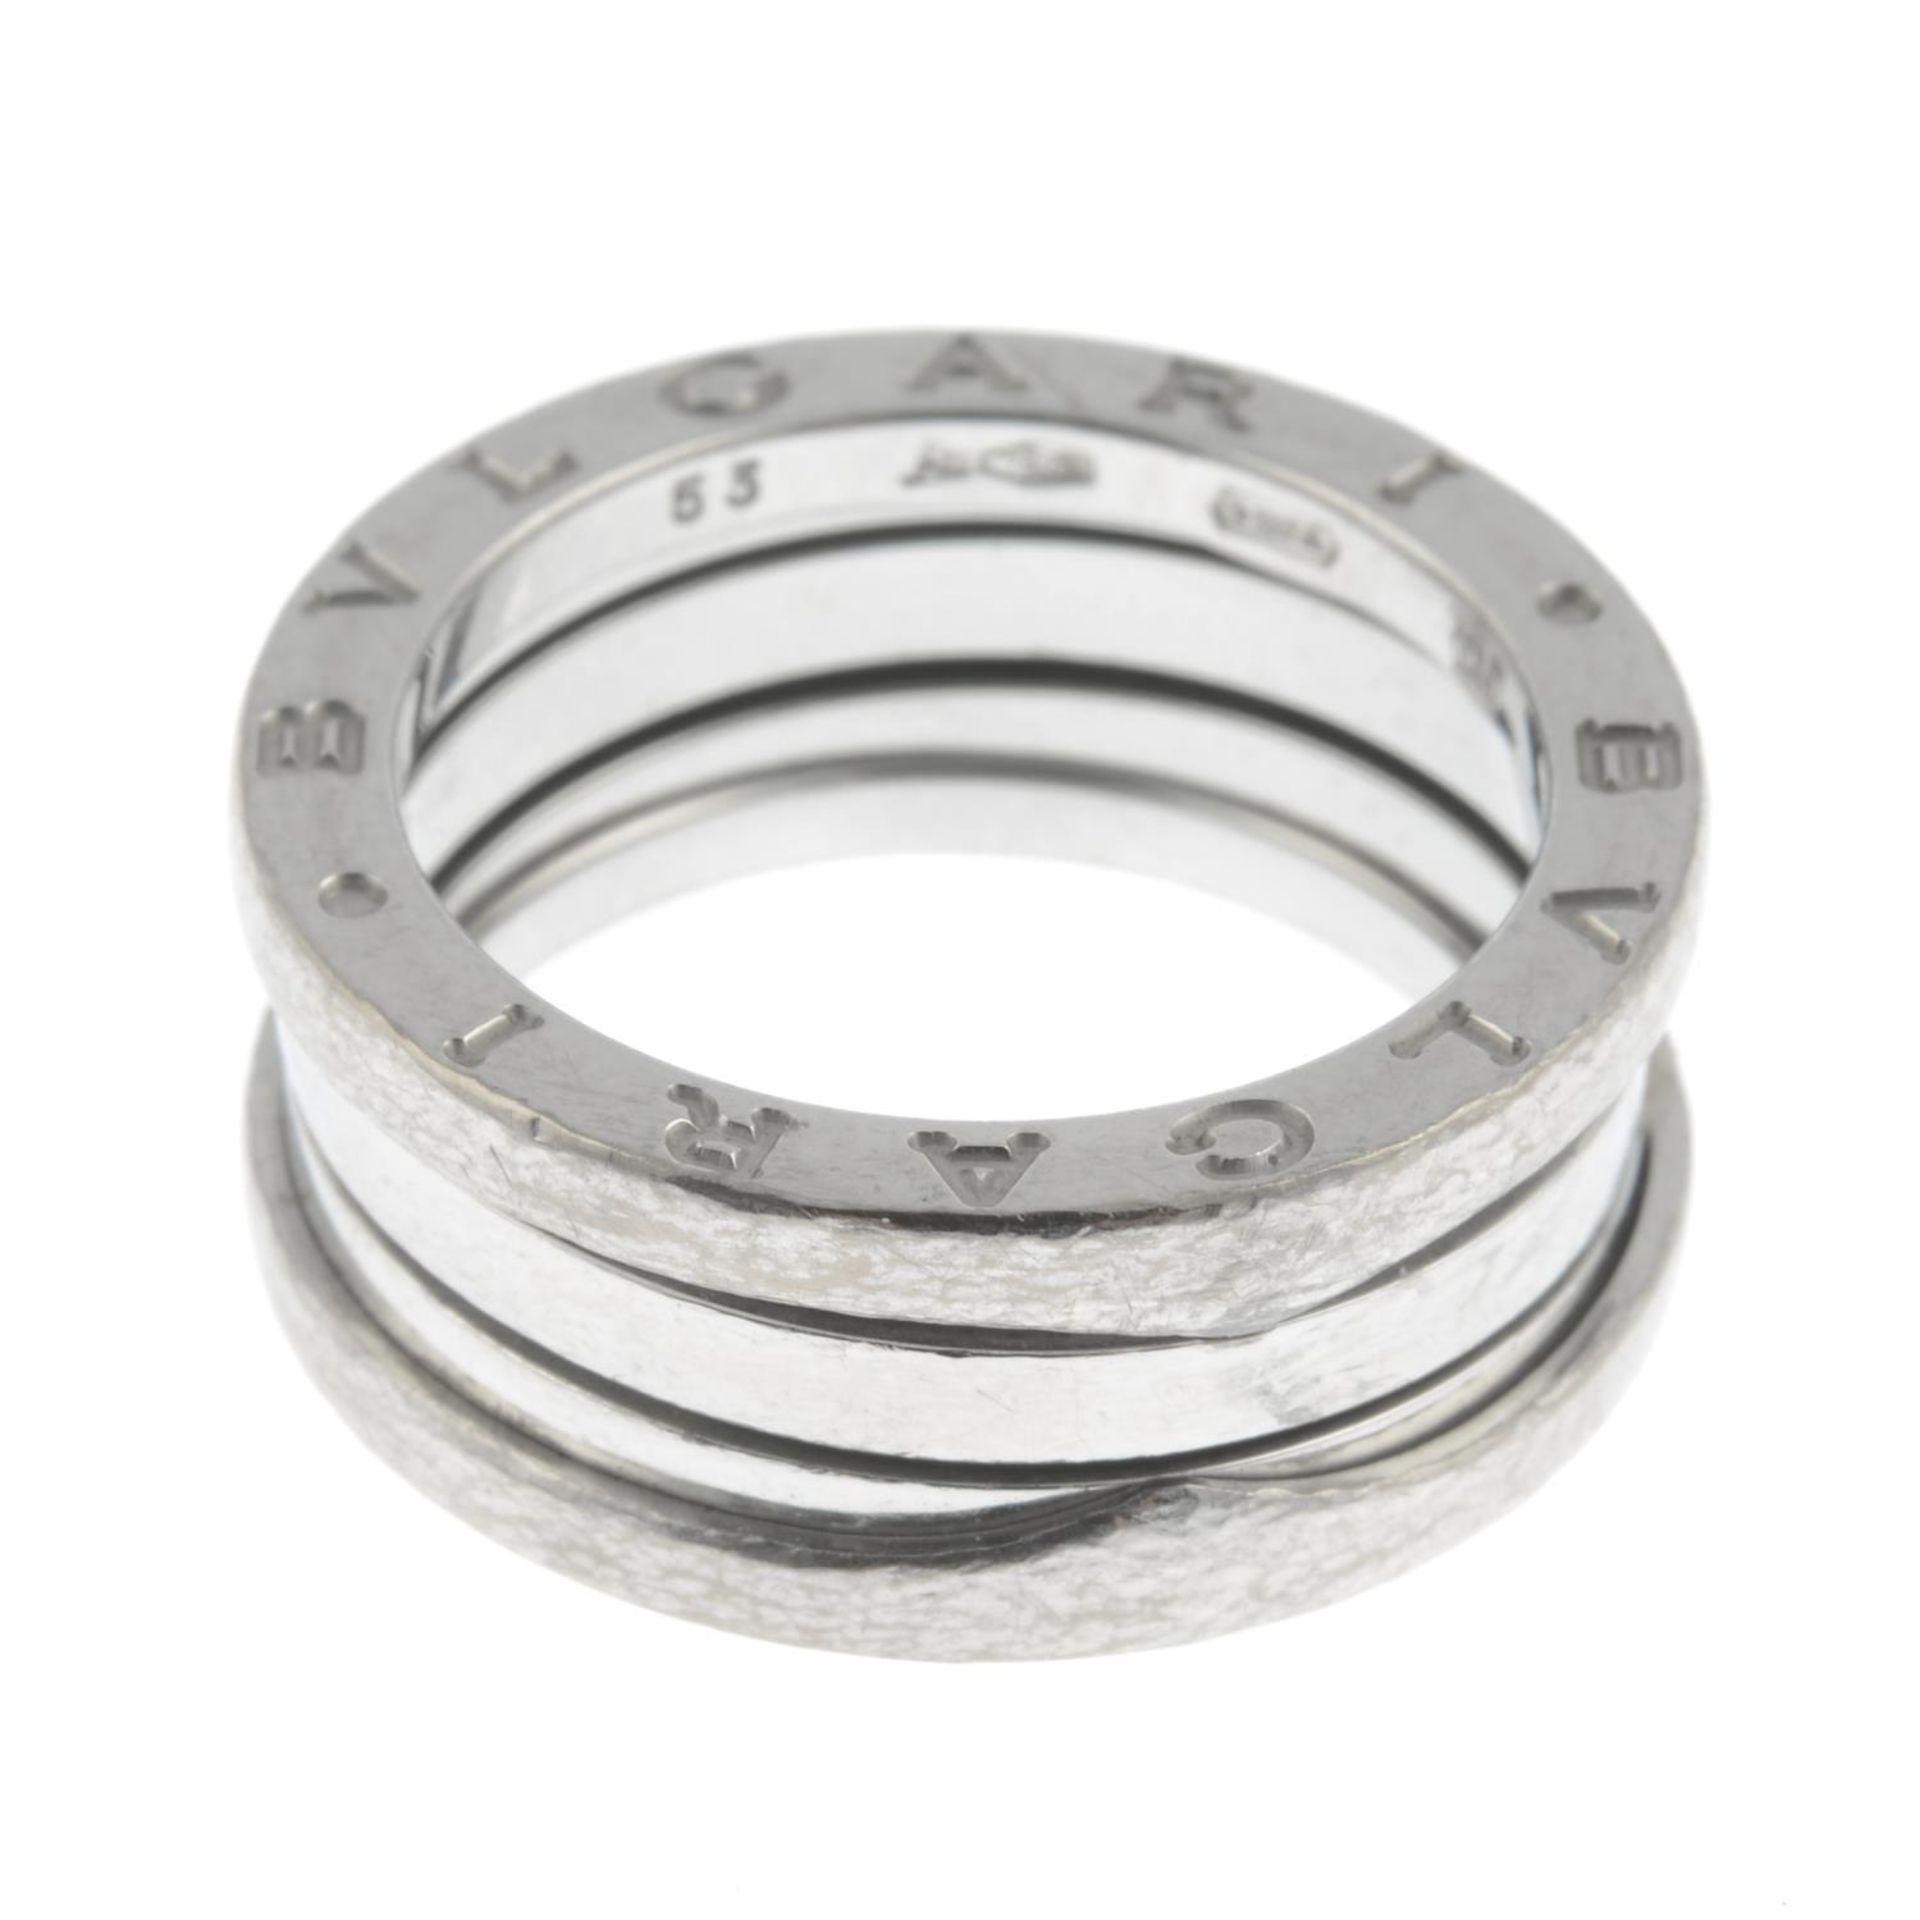 BULGARI - a 'B.Zero1' ring. - Image 2 of 3